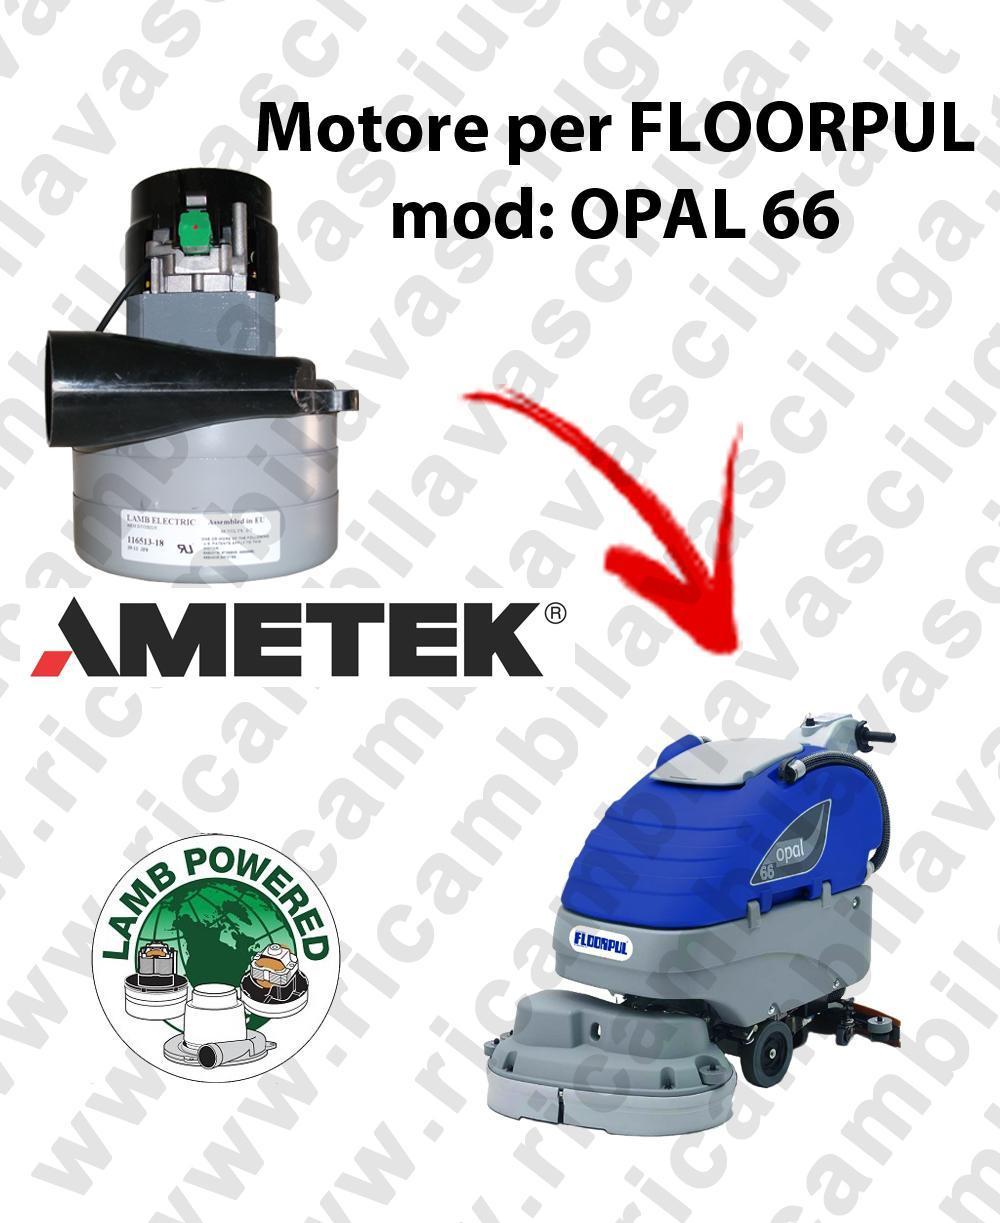 OPAL 66 MOTEUR ASPIRATION LAMB AMATEK pour autolaveuses FLOORPUL